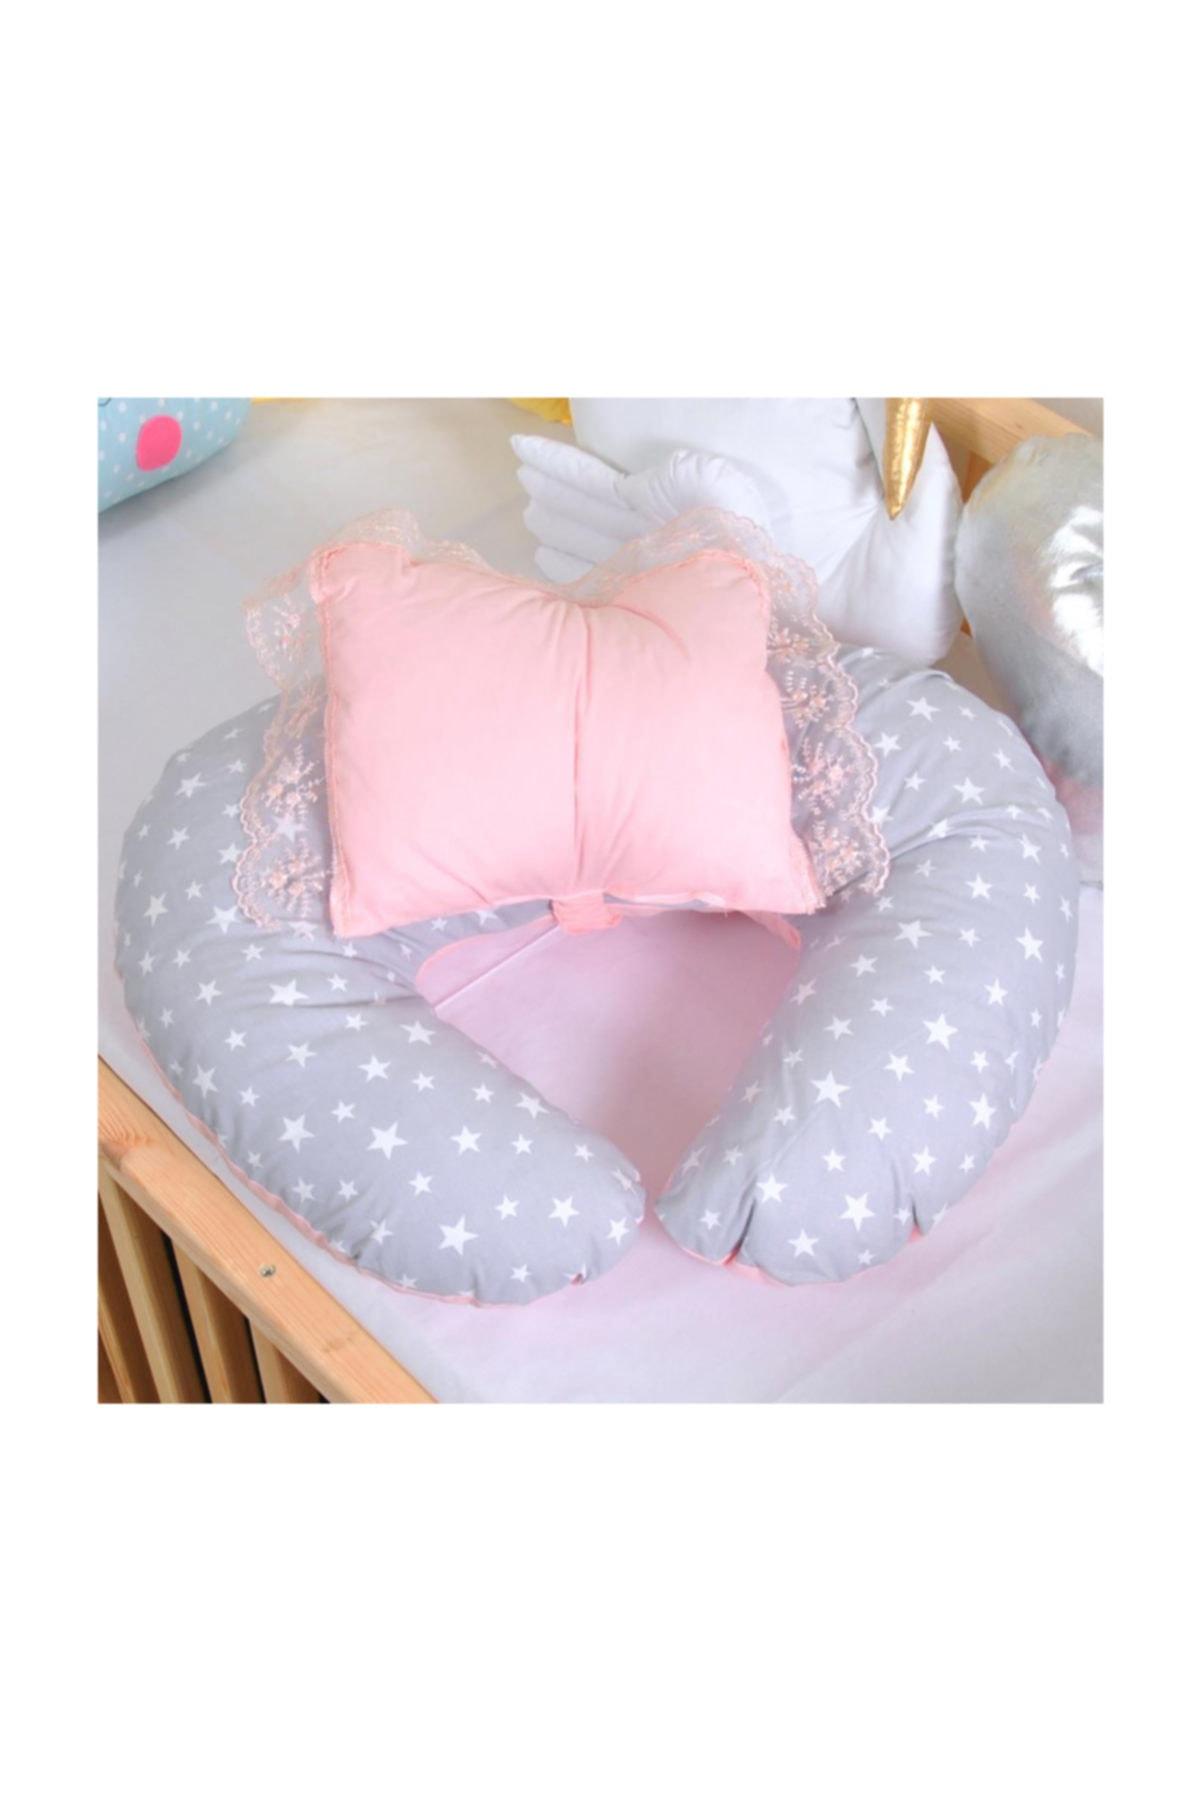 Подушка для ухода за ребенком, подушка для ухода за ребенком, подушка для ухода за ребенком, декоративная подушка, многофункциональная поду...